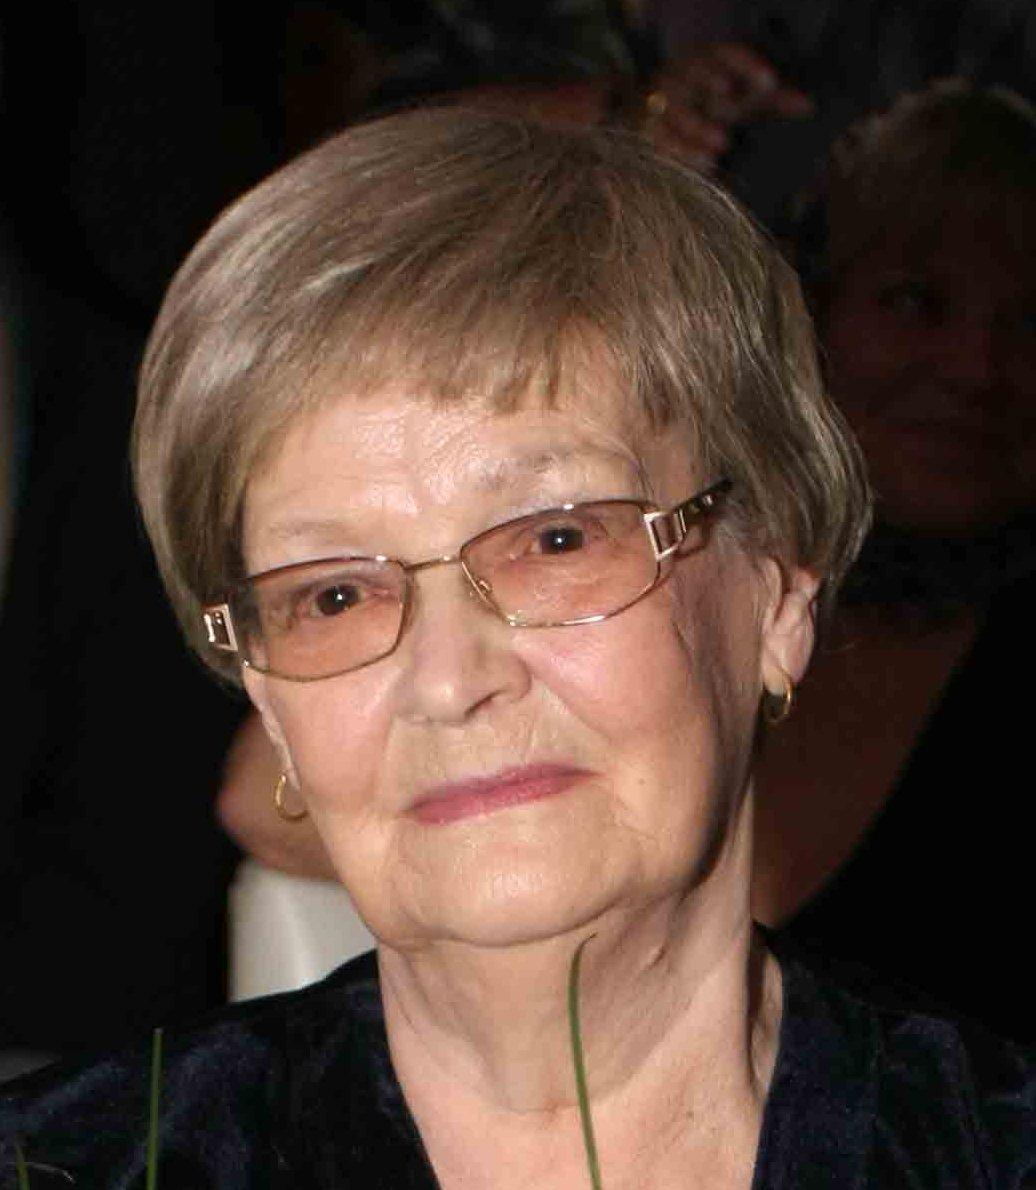 Нина гребешкова - биография знаменитости, личная жизнь, дети